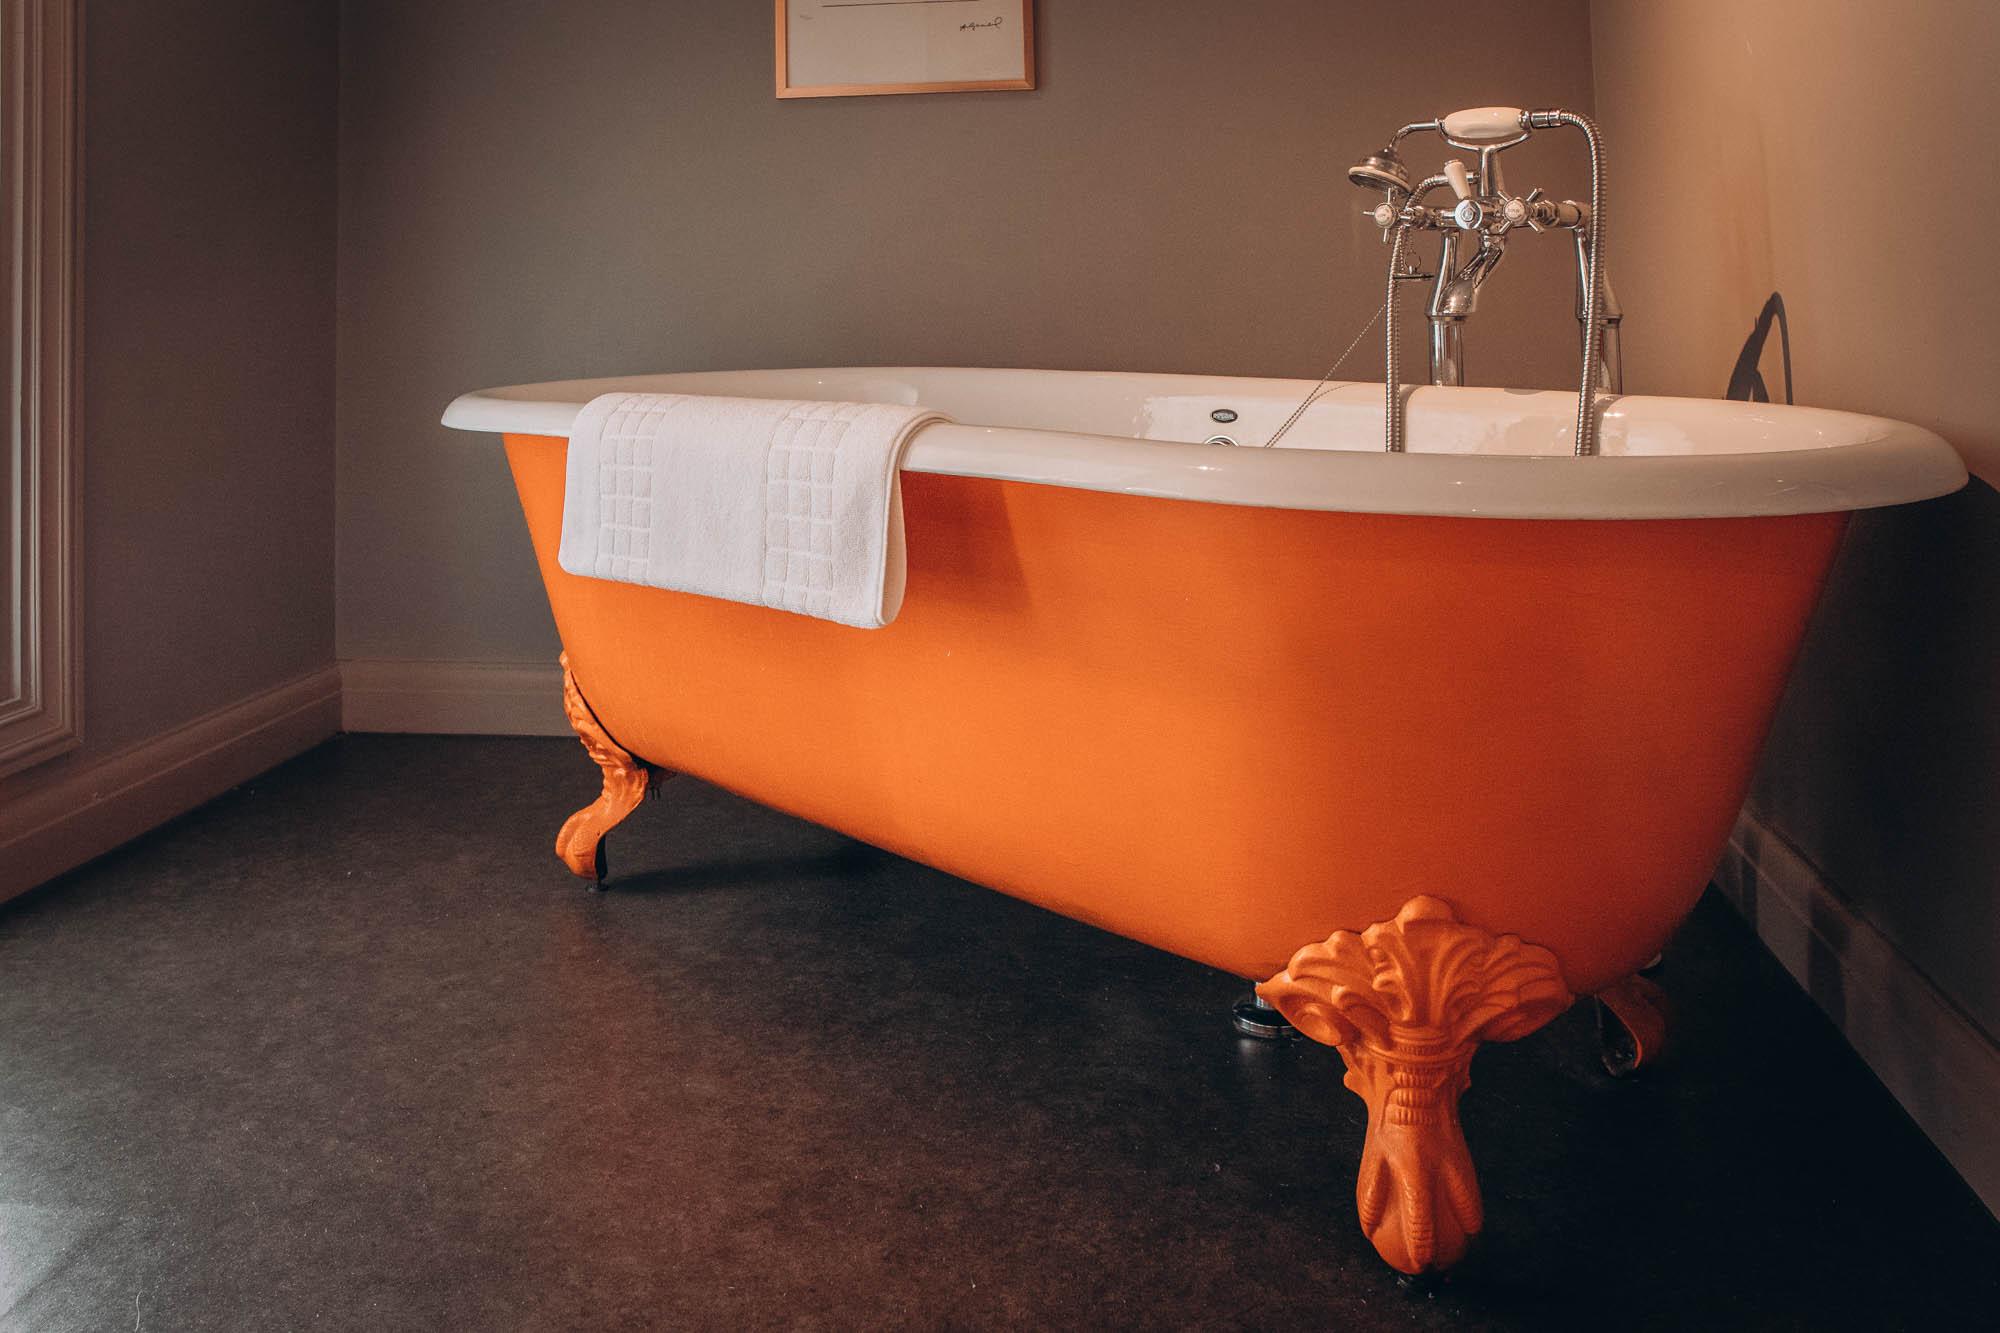 Boutique hotels   Orange bath tub at The Old House, Effingham Road, Copthorne, West Sussex